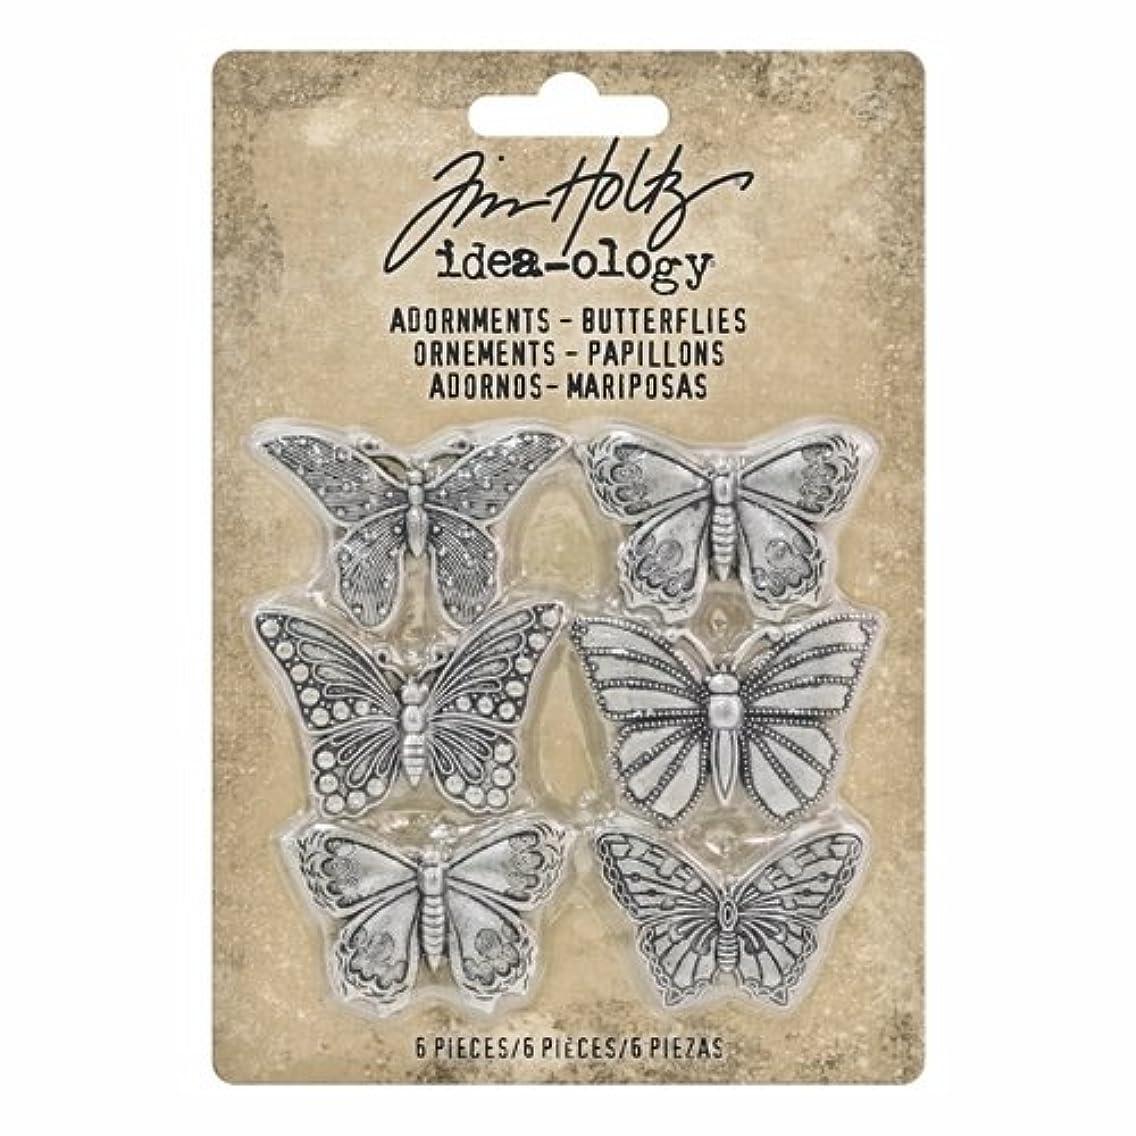 Tim Holtz Idea-ology, Adornments Butterflies